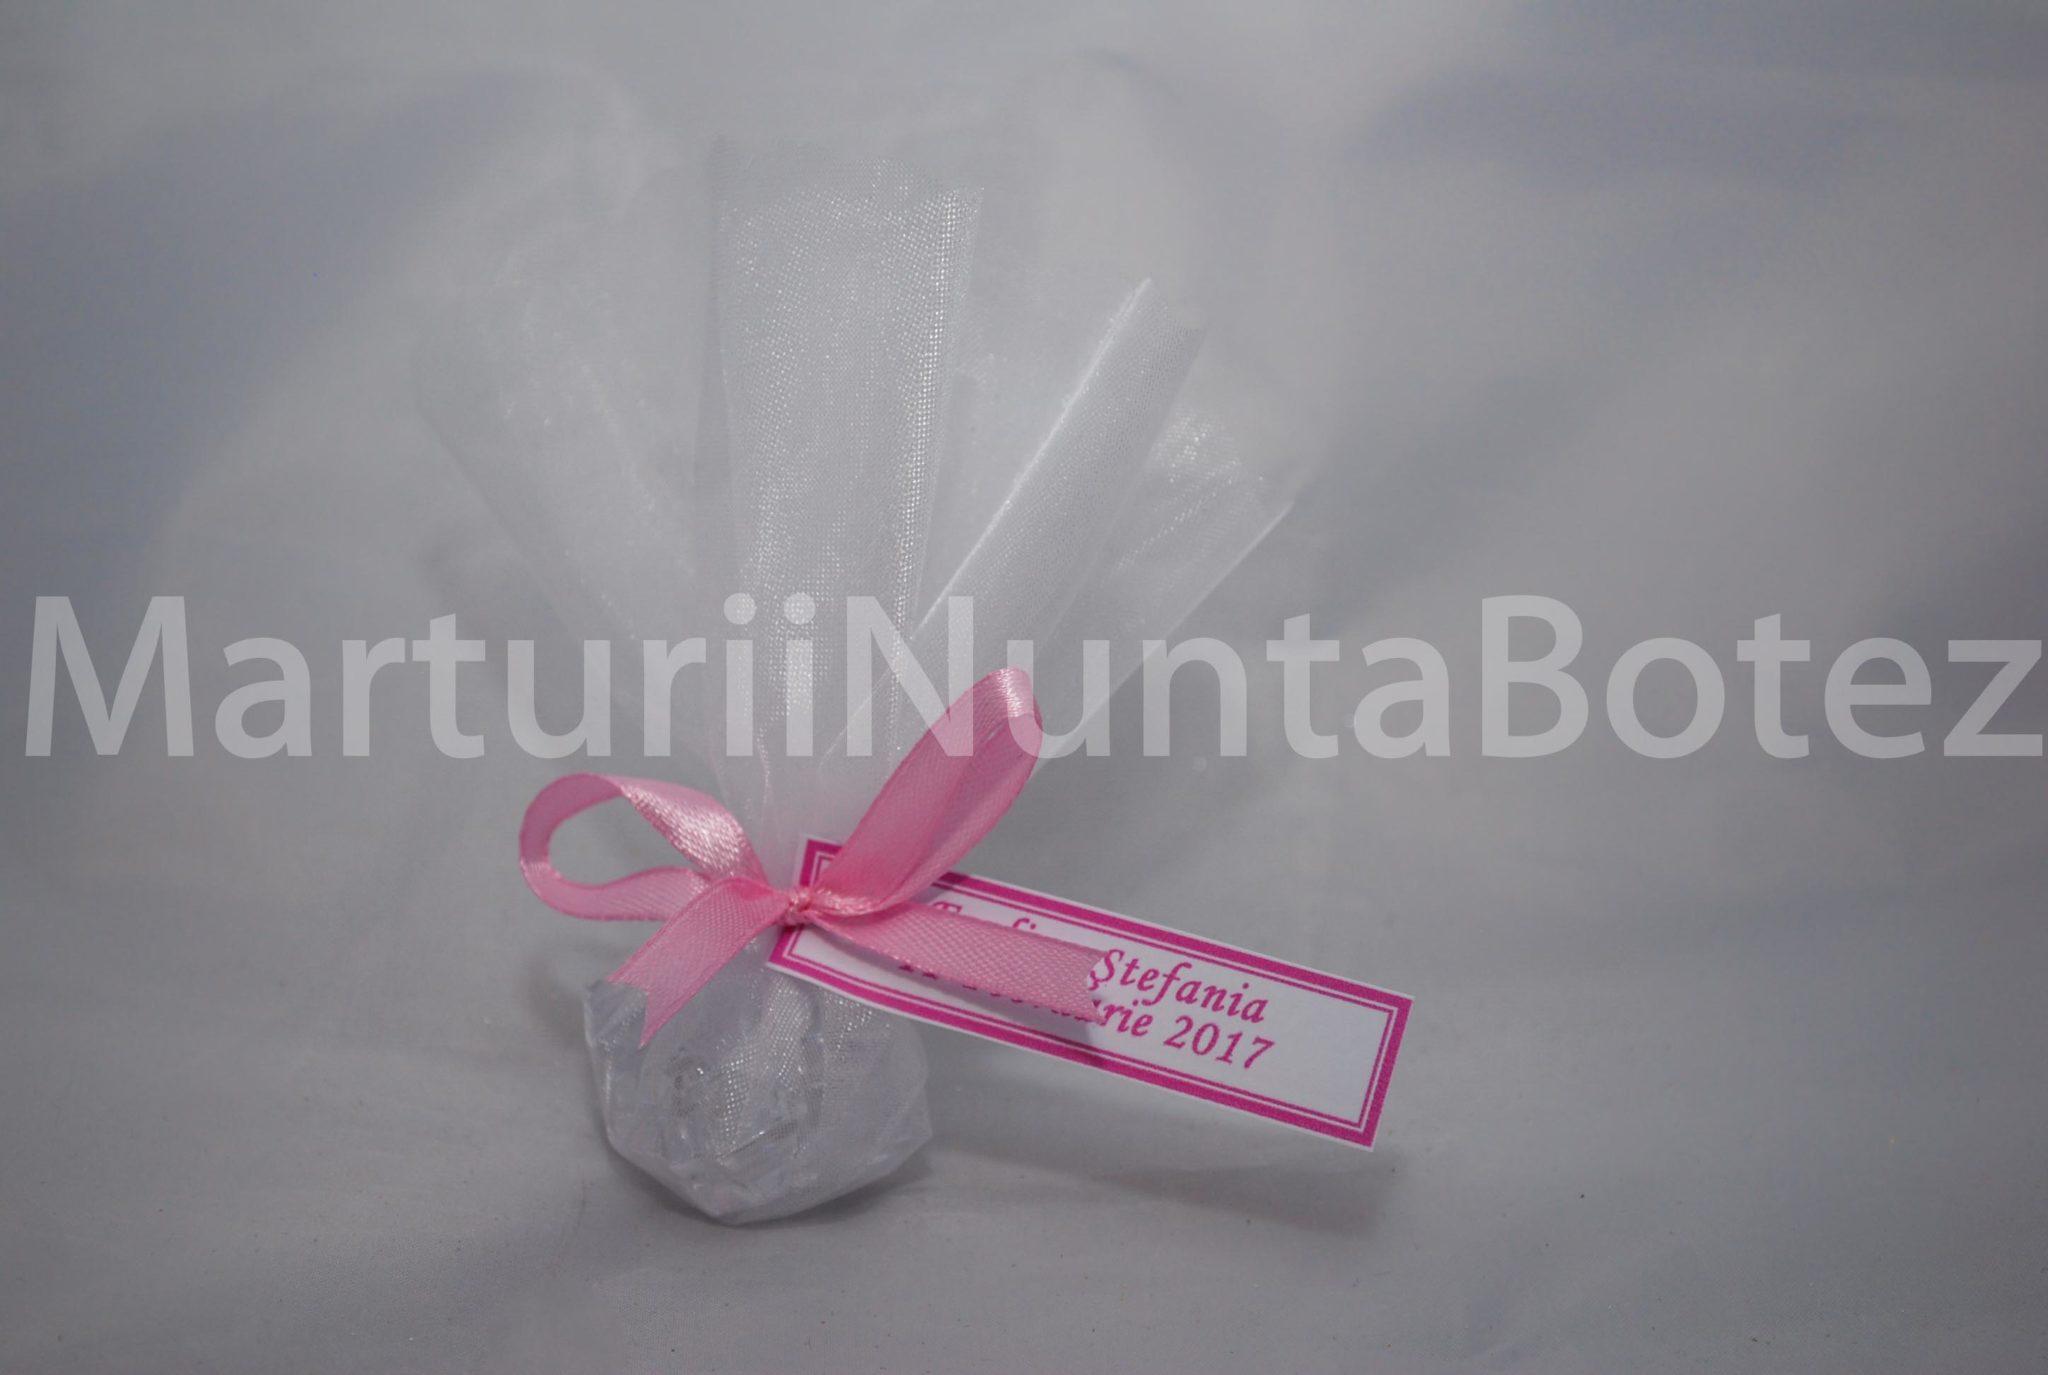 marturii_nunta_marturie_botez_discheta_cu_arahide_sau_pietre_decorative_ieftin10